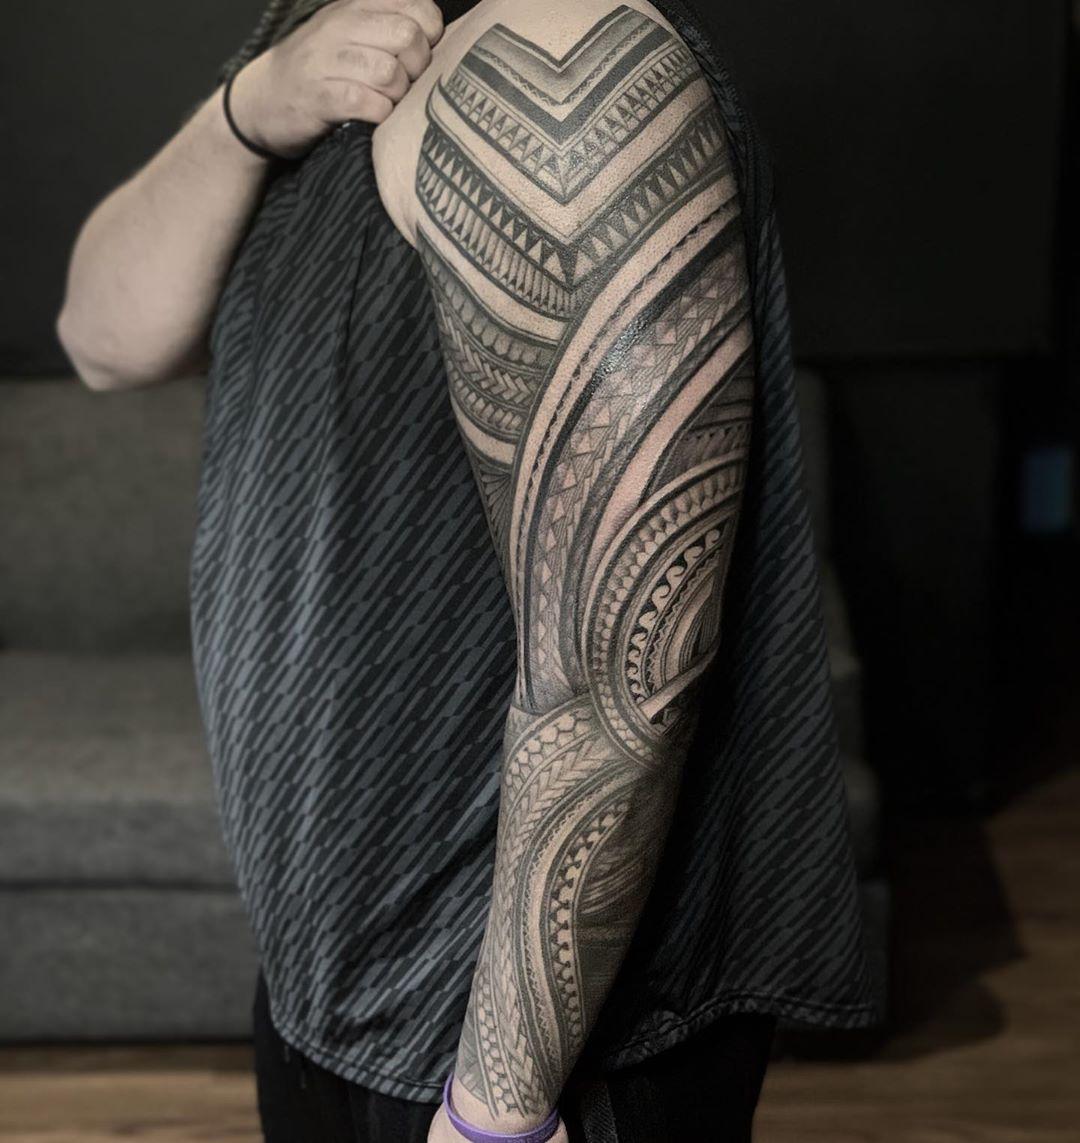 Sleeve Kakau tattoos